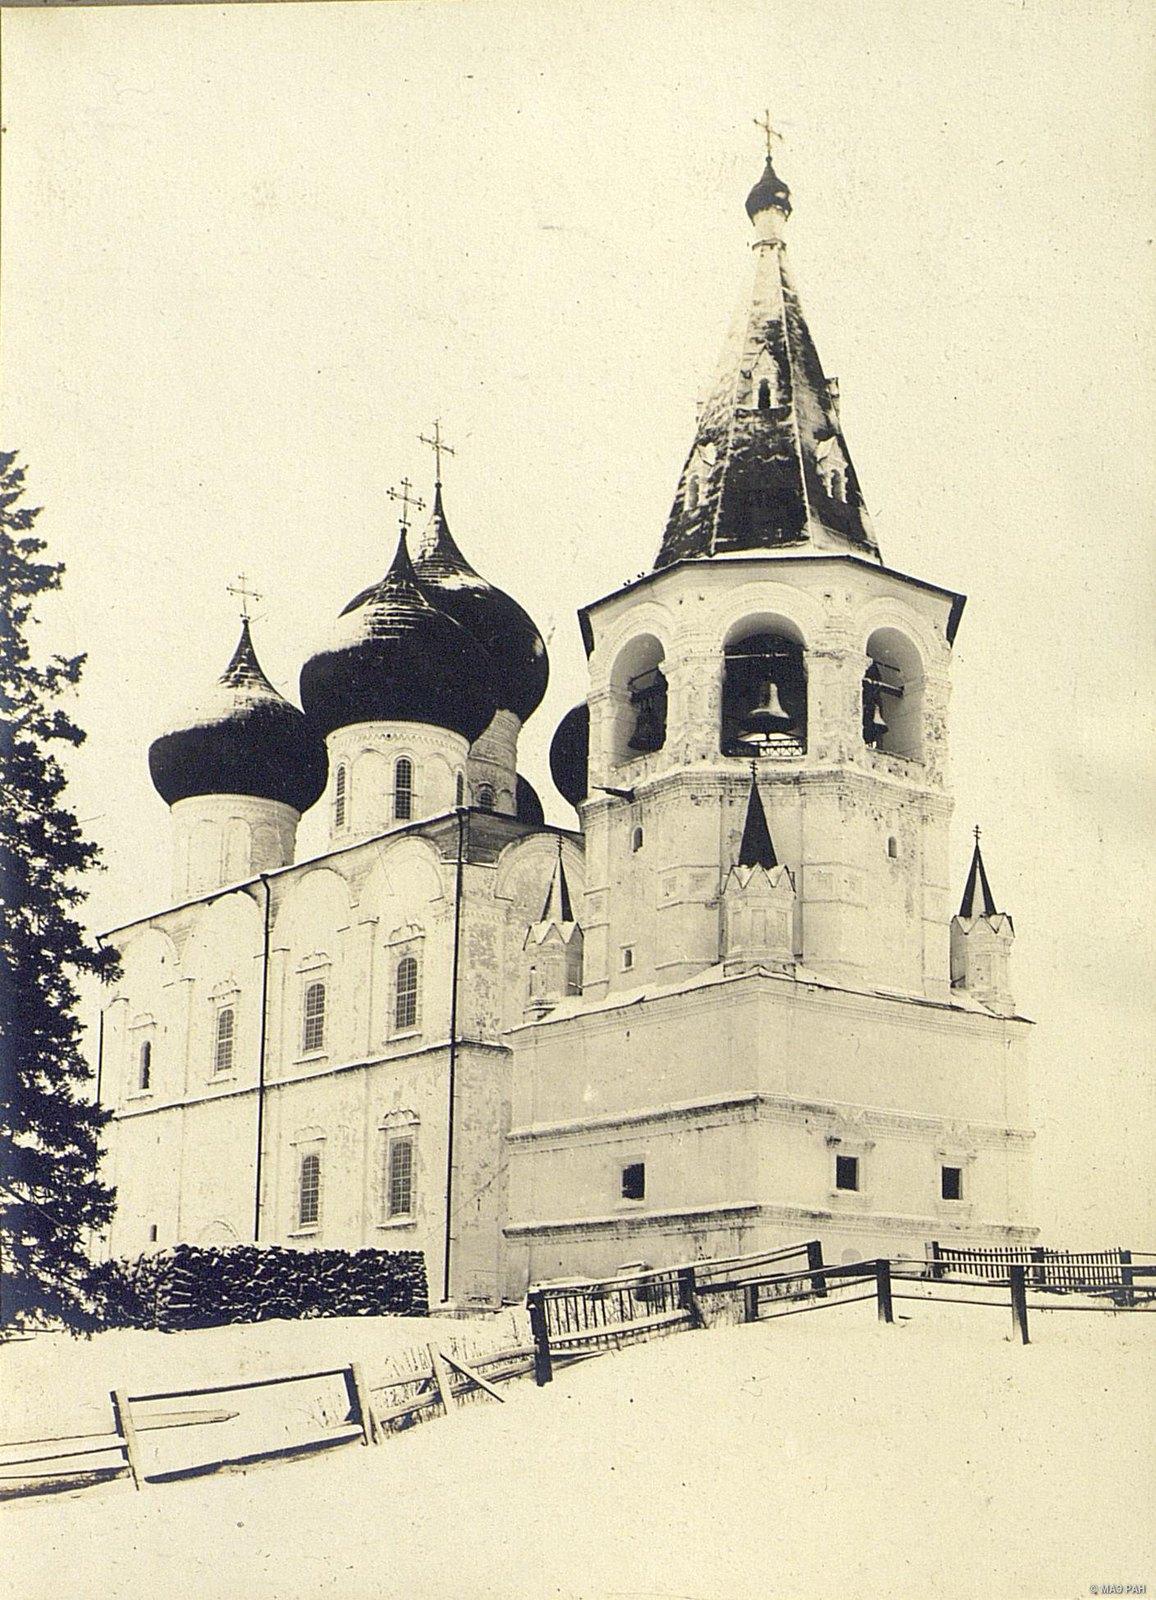 Каменная церковь и колокольня 1680-х гг. Холмогоры